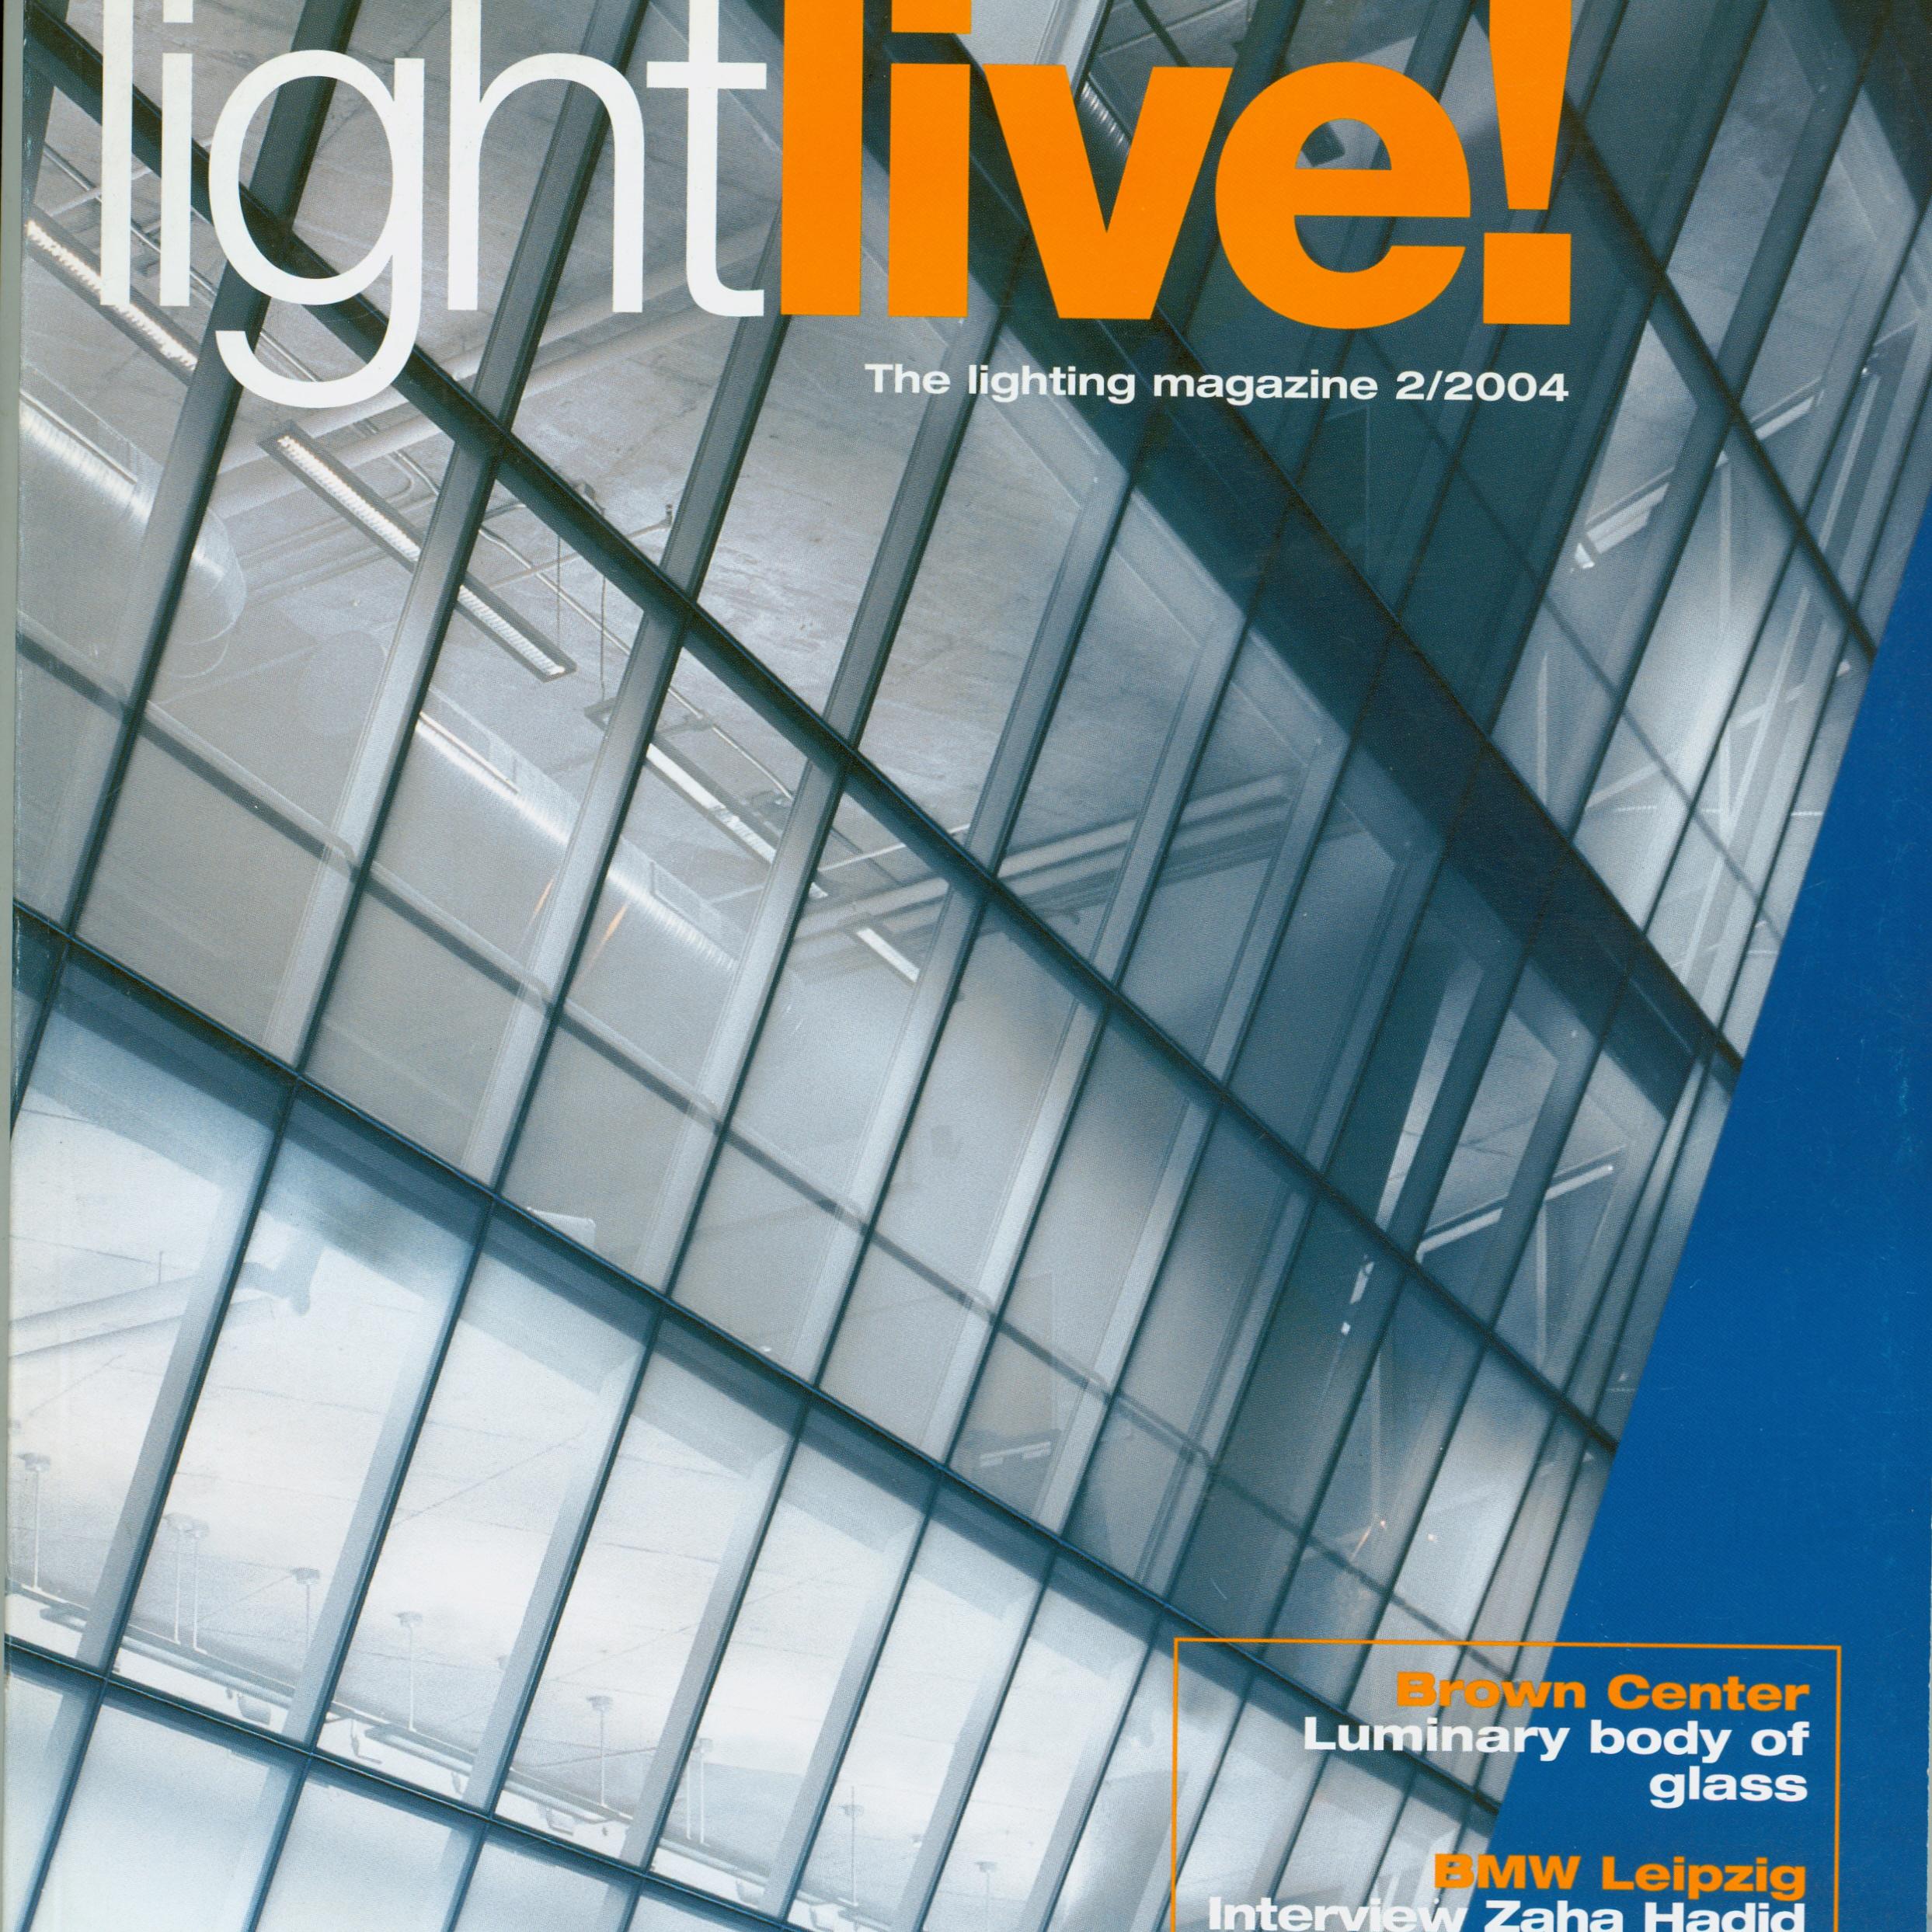 2004.02 LIGHTLIVE!